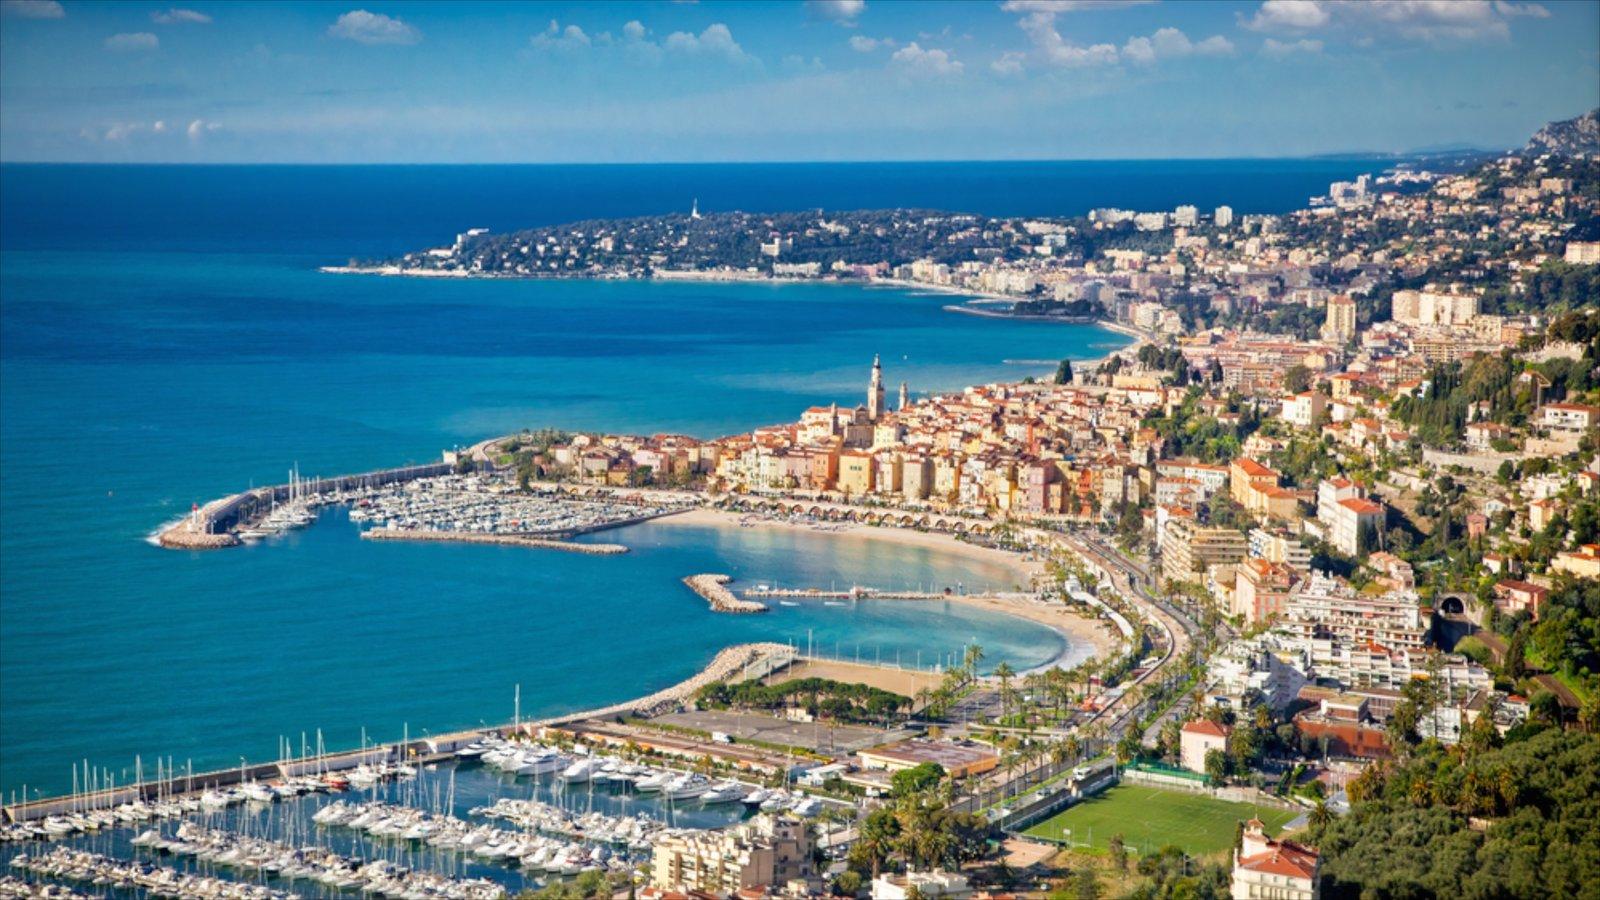 Fotos De San Remo Ver Fotos E Im 225 Genes De San Remo